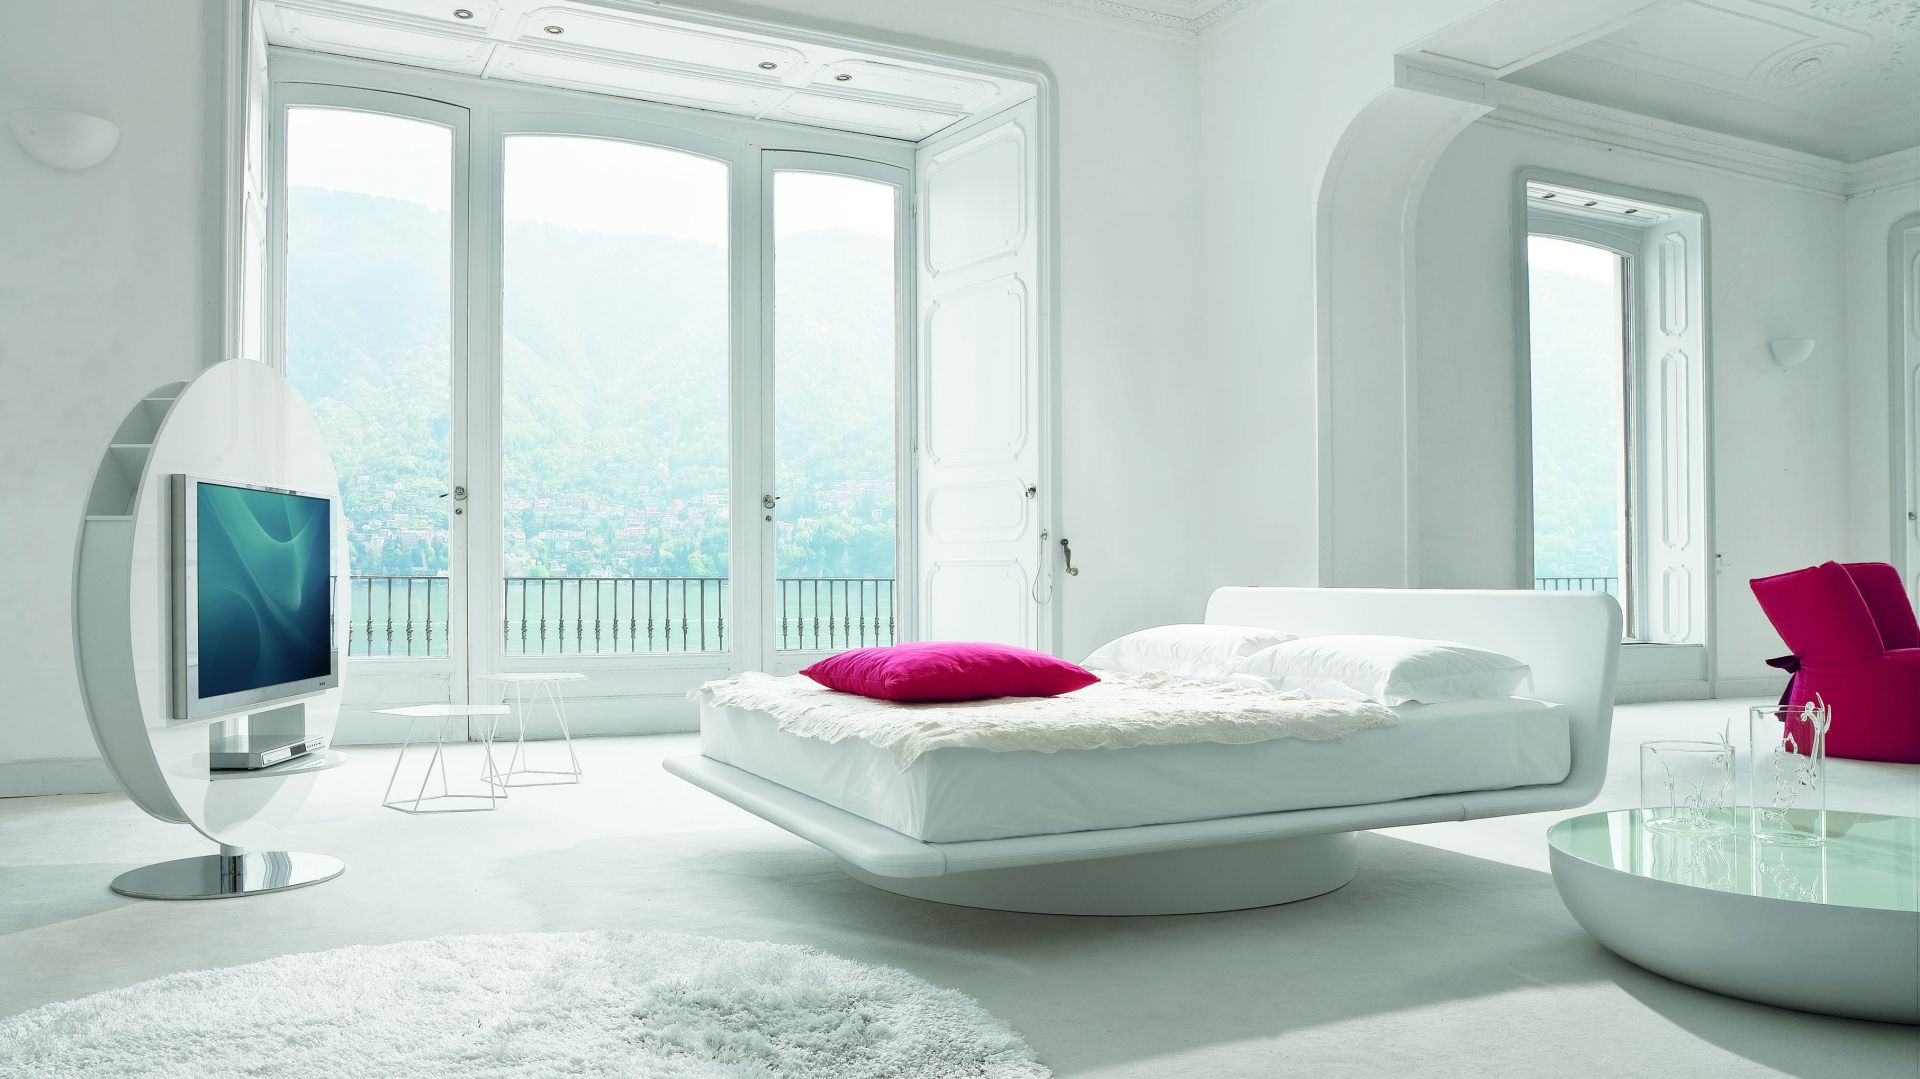 Łóżko Giotto Vision. Fot. Bonaldo